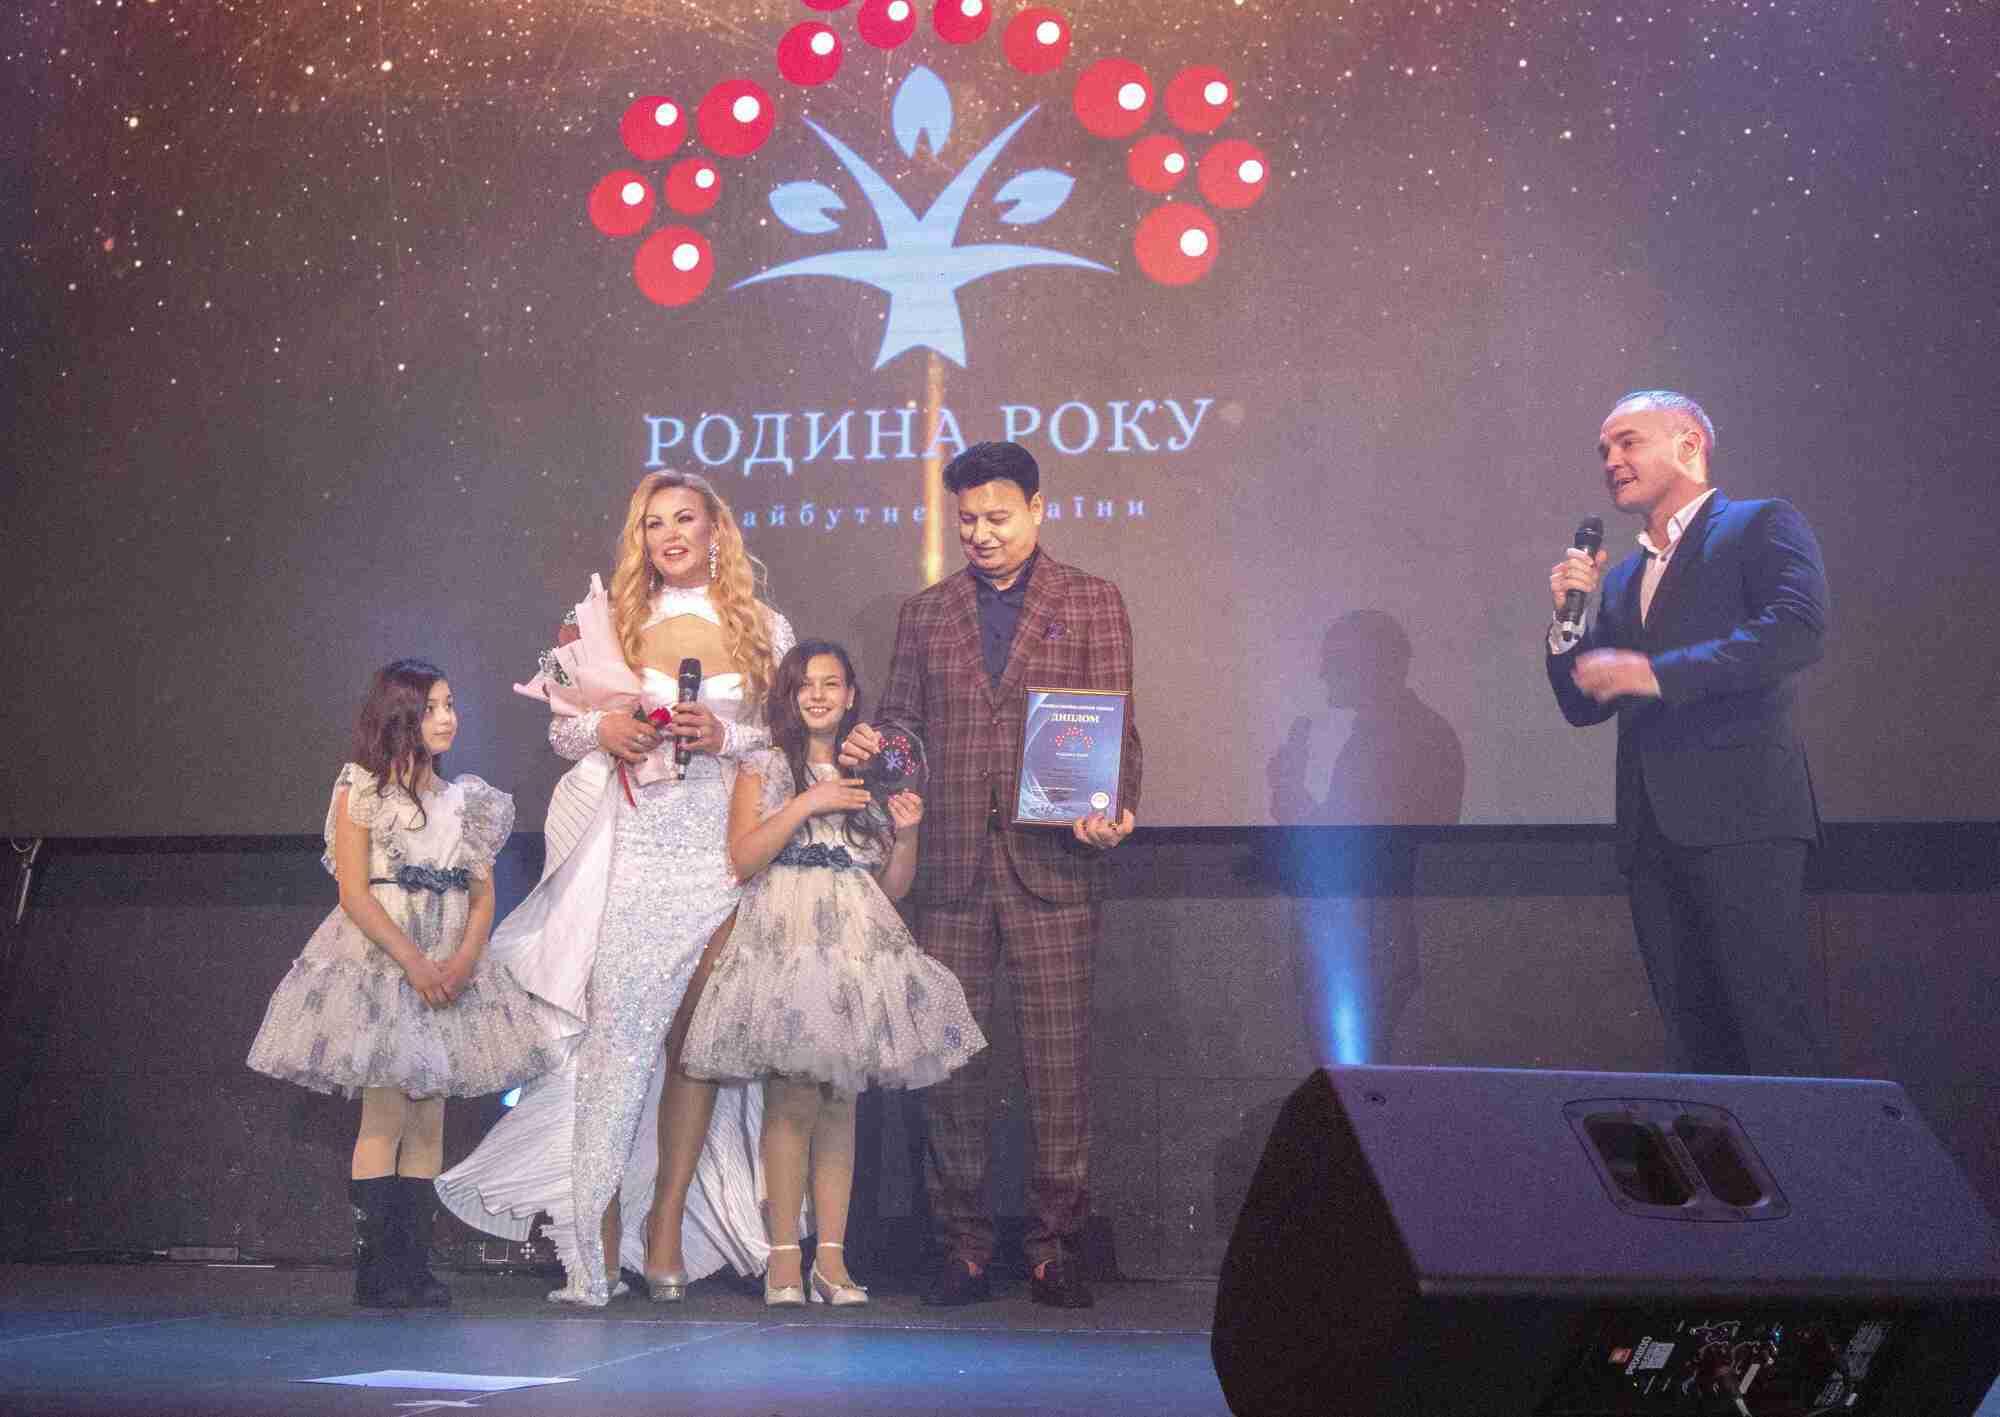 """Сім'я Захур отримала титул """"Родина року"""" від однойменної премії та нагороду на сцені забрала """"повним складом"""""""